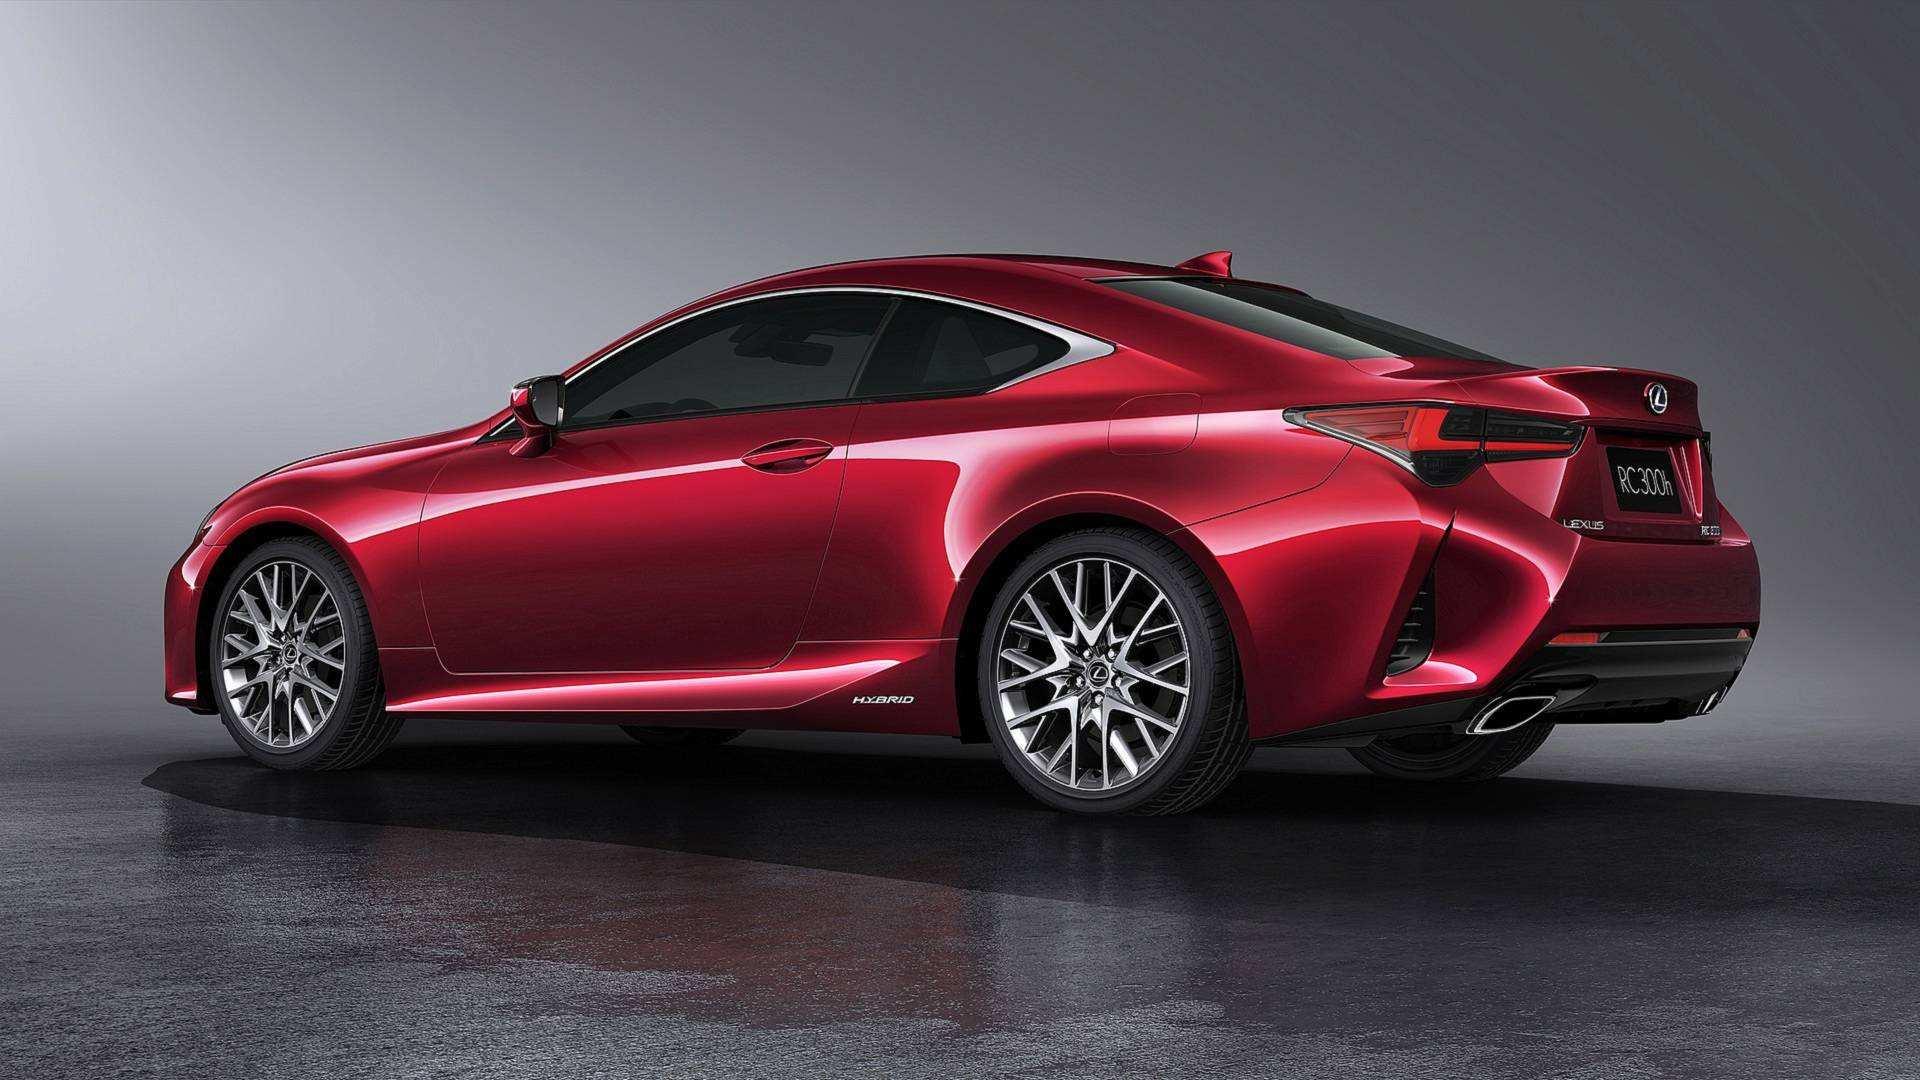 80 Concept of Lexus 2019 Rc Specs with Lexus 2019 Rc